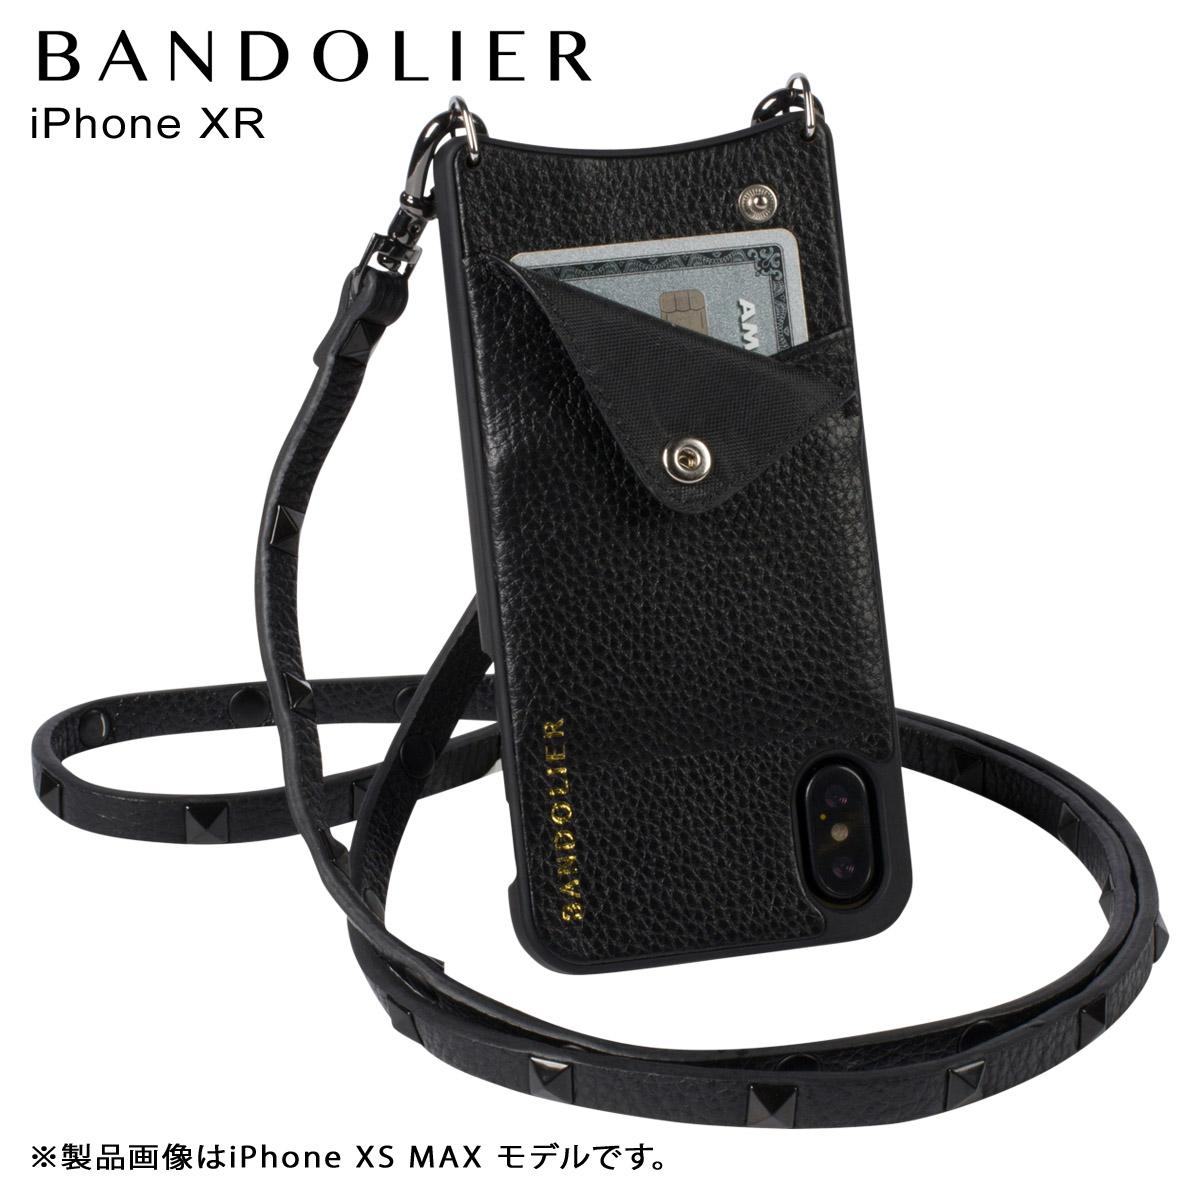 BANDOLIER バンドリヤー iPhone XR ケース ショルダー スマホ アイフォン レザー SARAH BLACK メンズ レディース ブラック 10SAR1001 [4/18 再入荷]